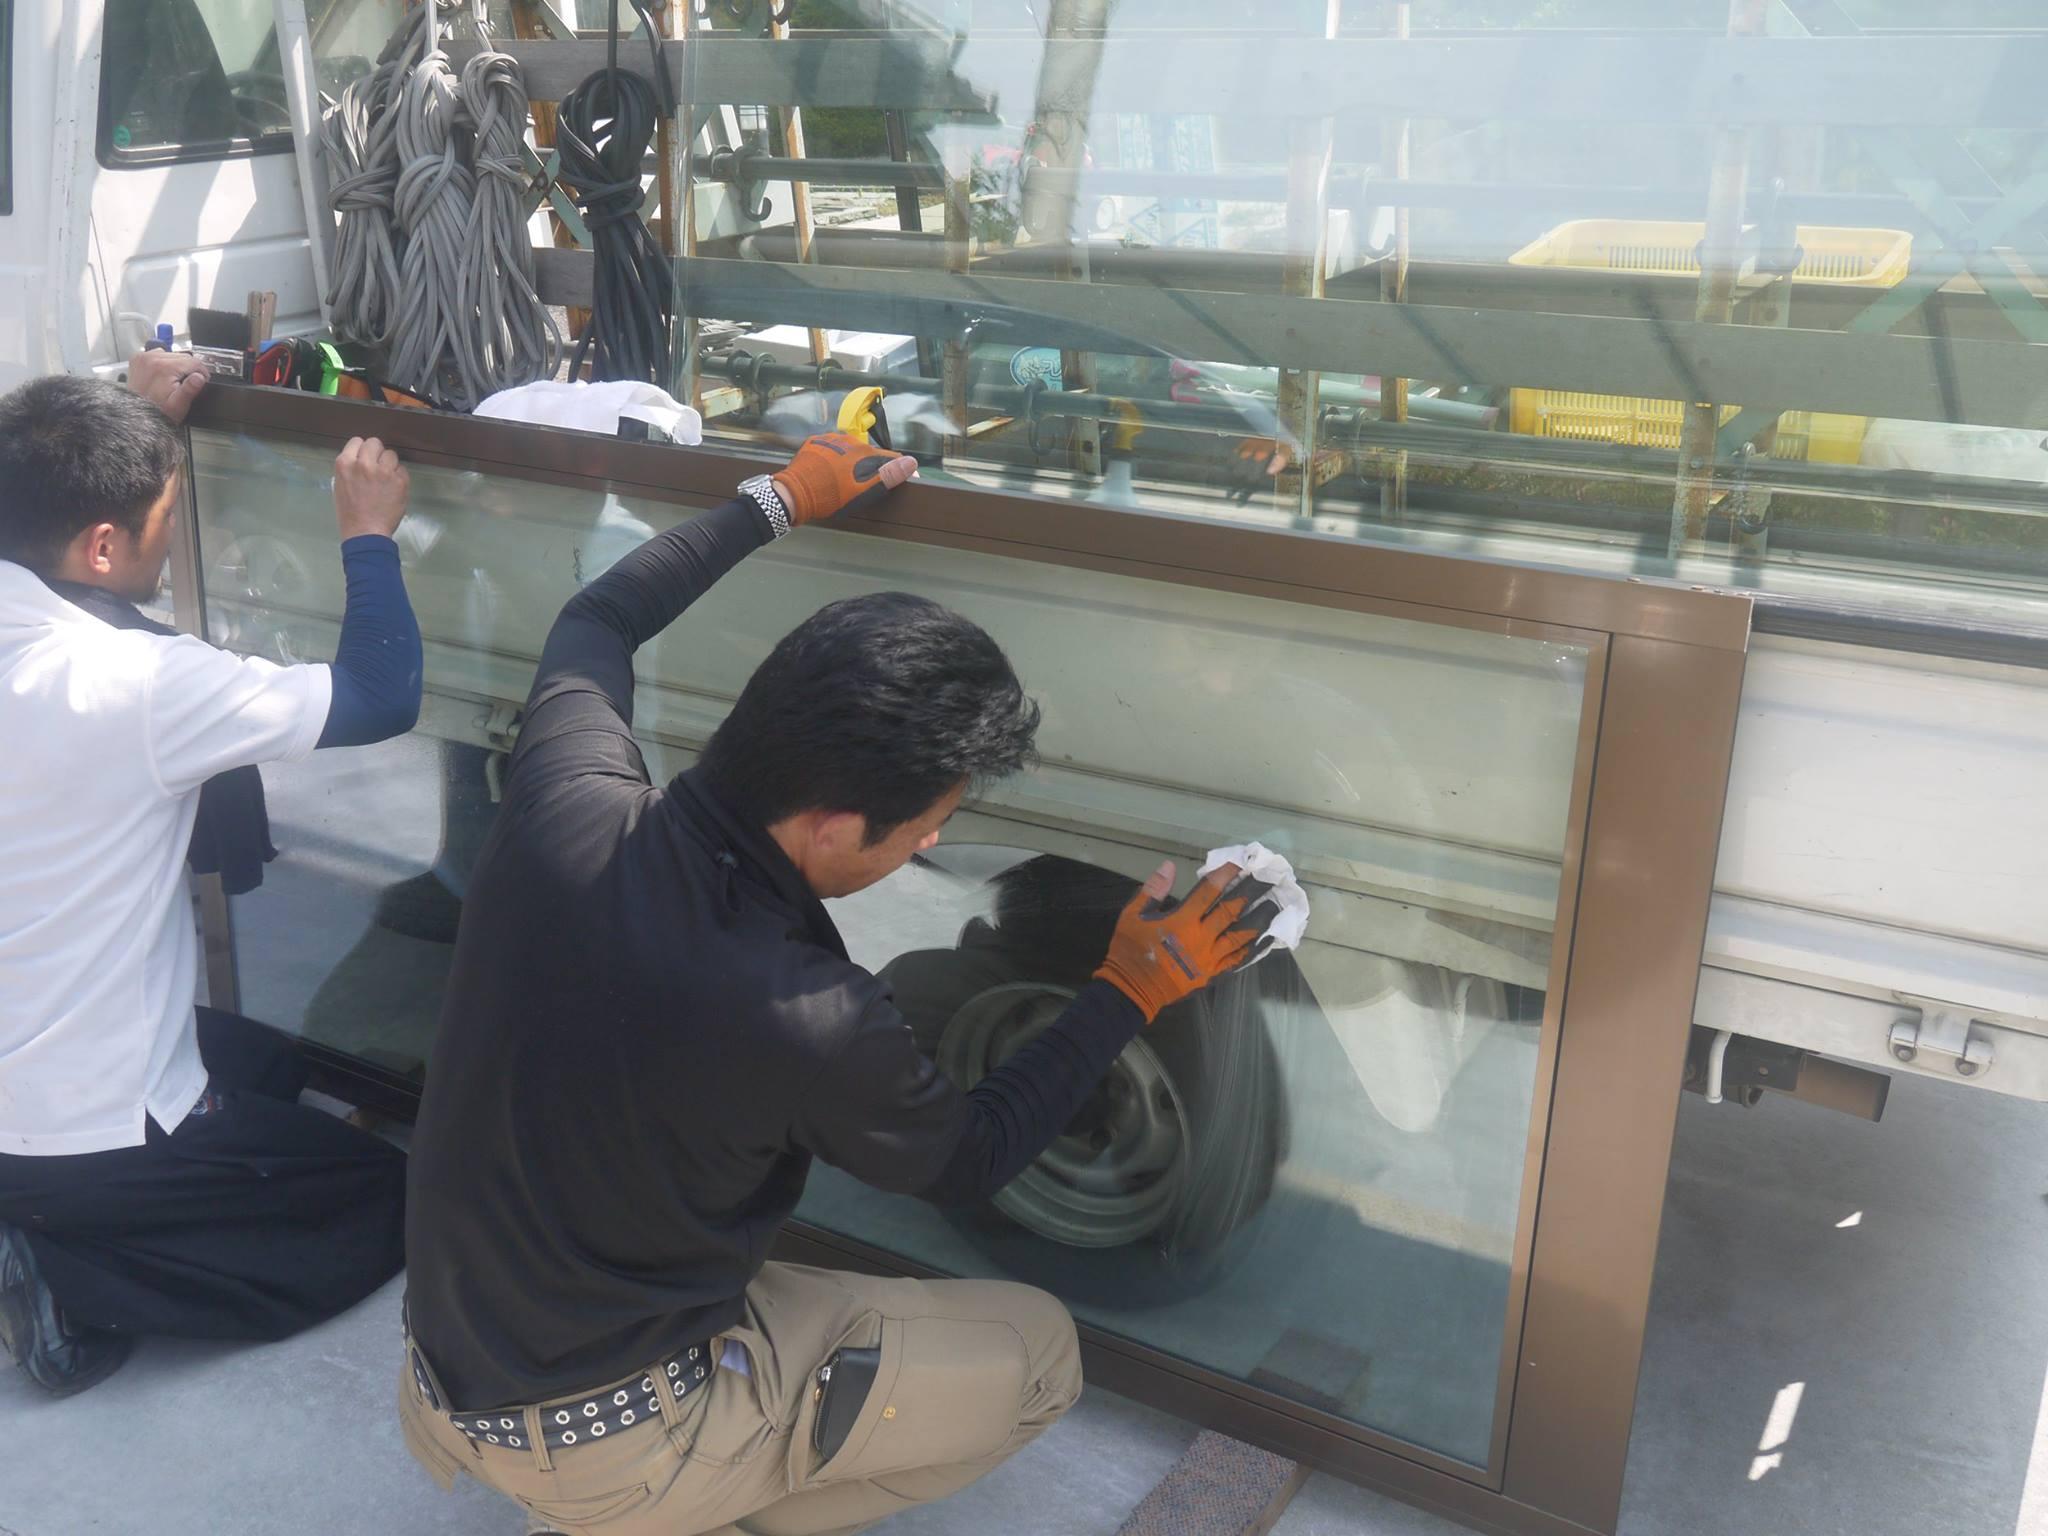 某住宅リフォーム工事。シングルガラスをペヤガラスに交換しました。合計6枚の取り替えで、約2時間の工事。